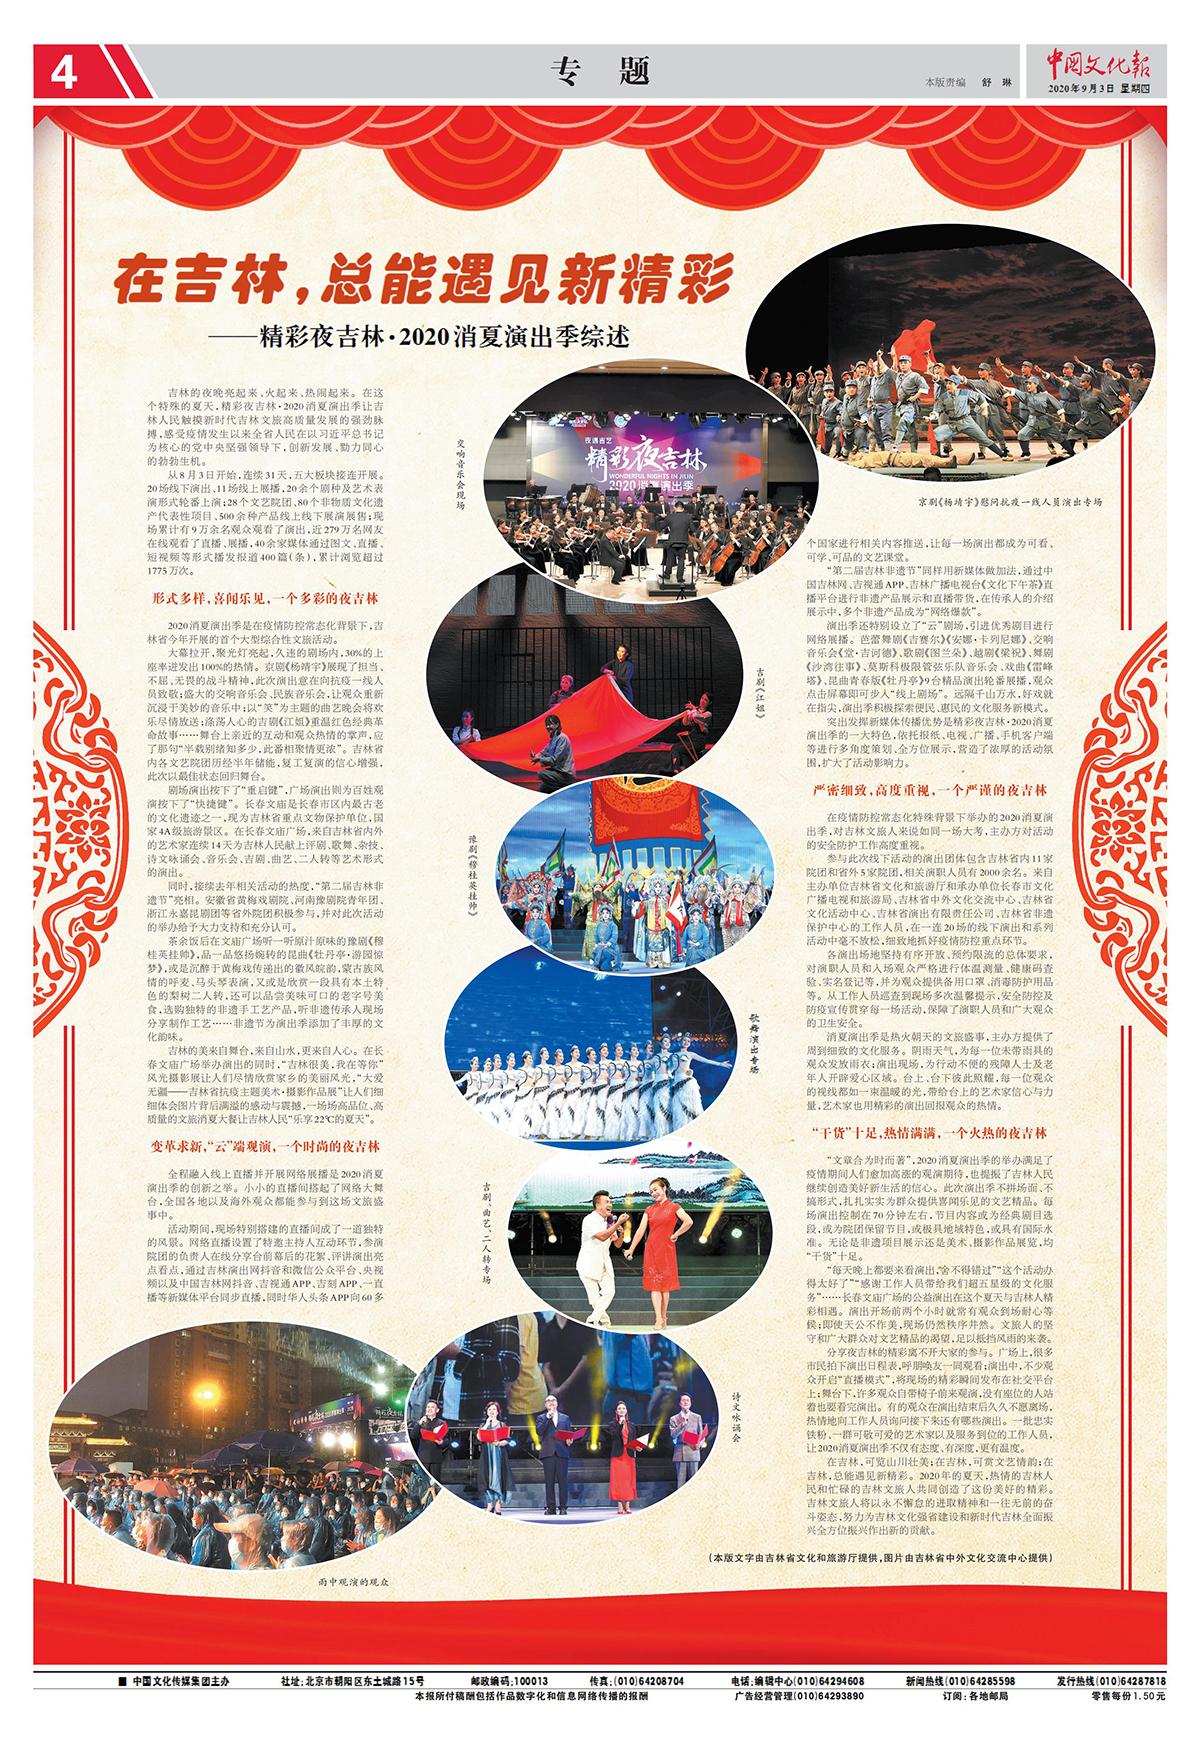 2020年9月3日 中国文化报 第4版 在吉林,总能遇见新精彩——精彩夜吉林·2020消夏演出季综述